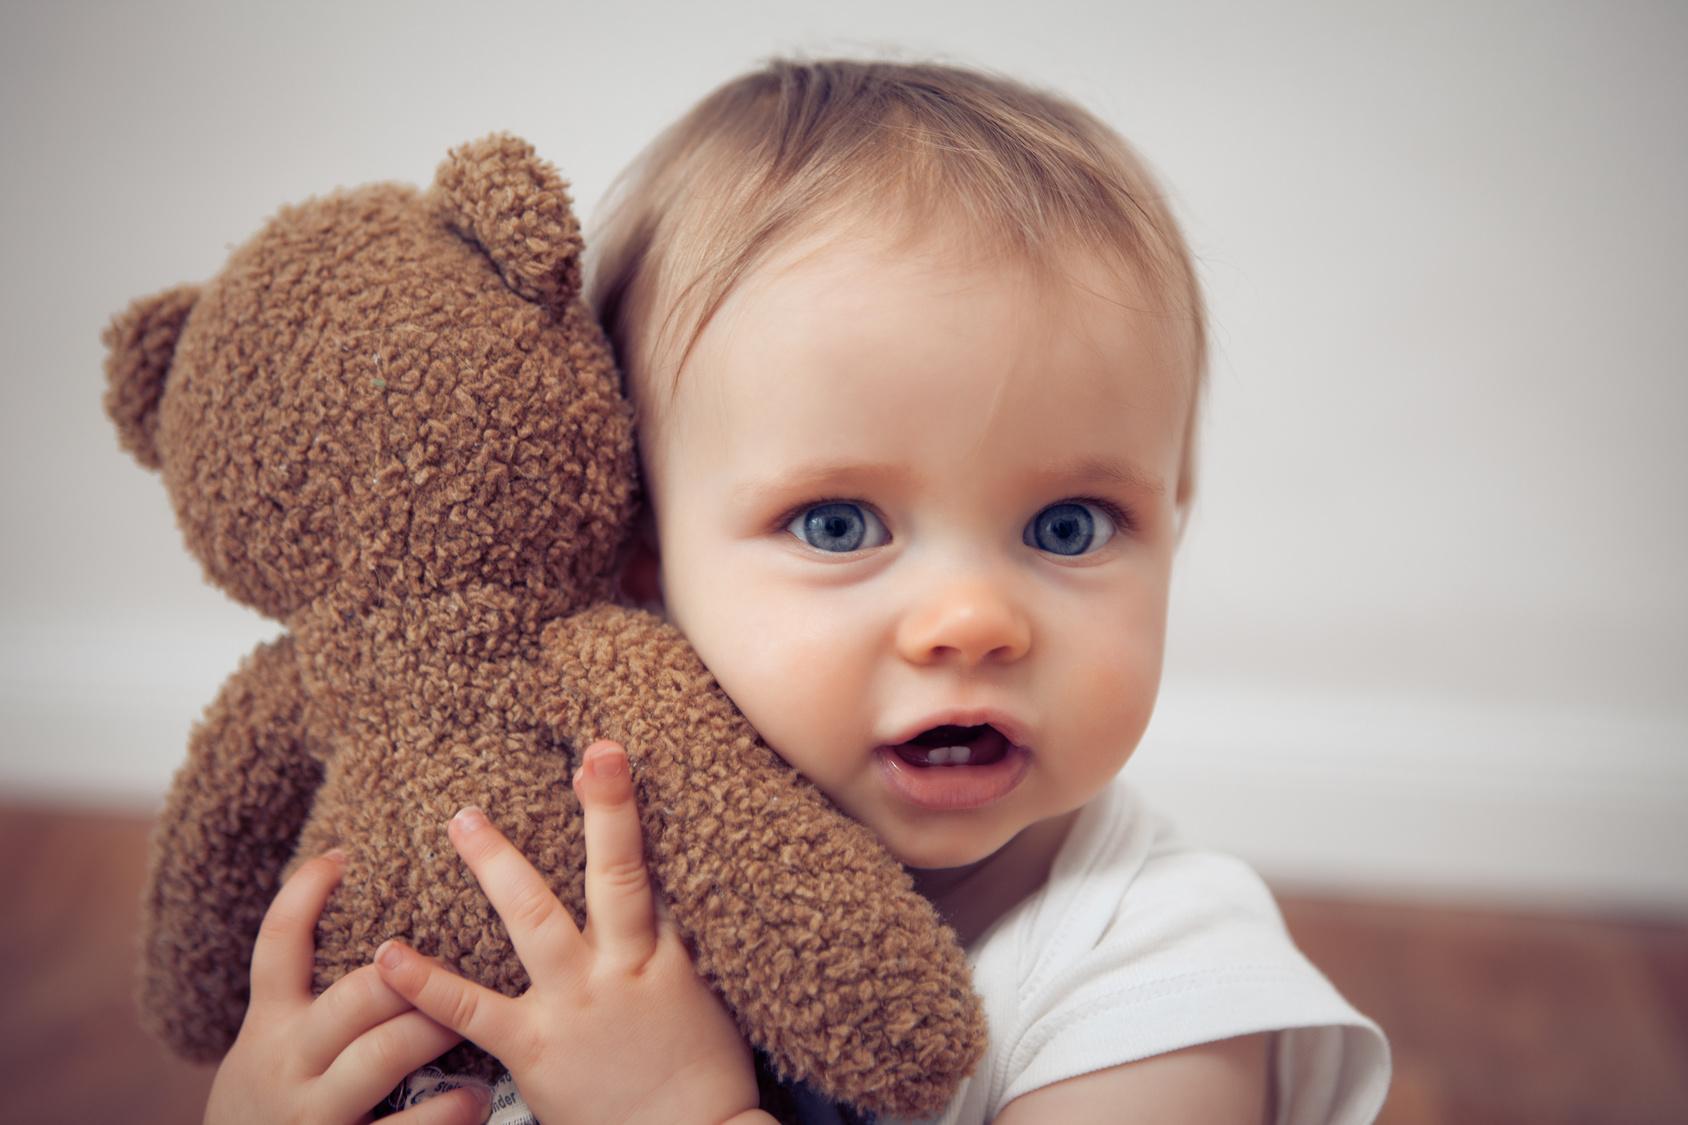 Consigue reembolsos extra con Privicompras y Bebes Victoria